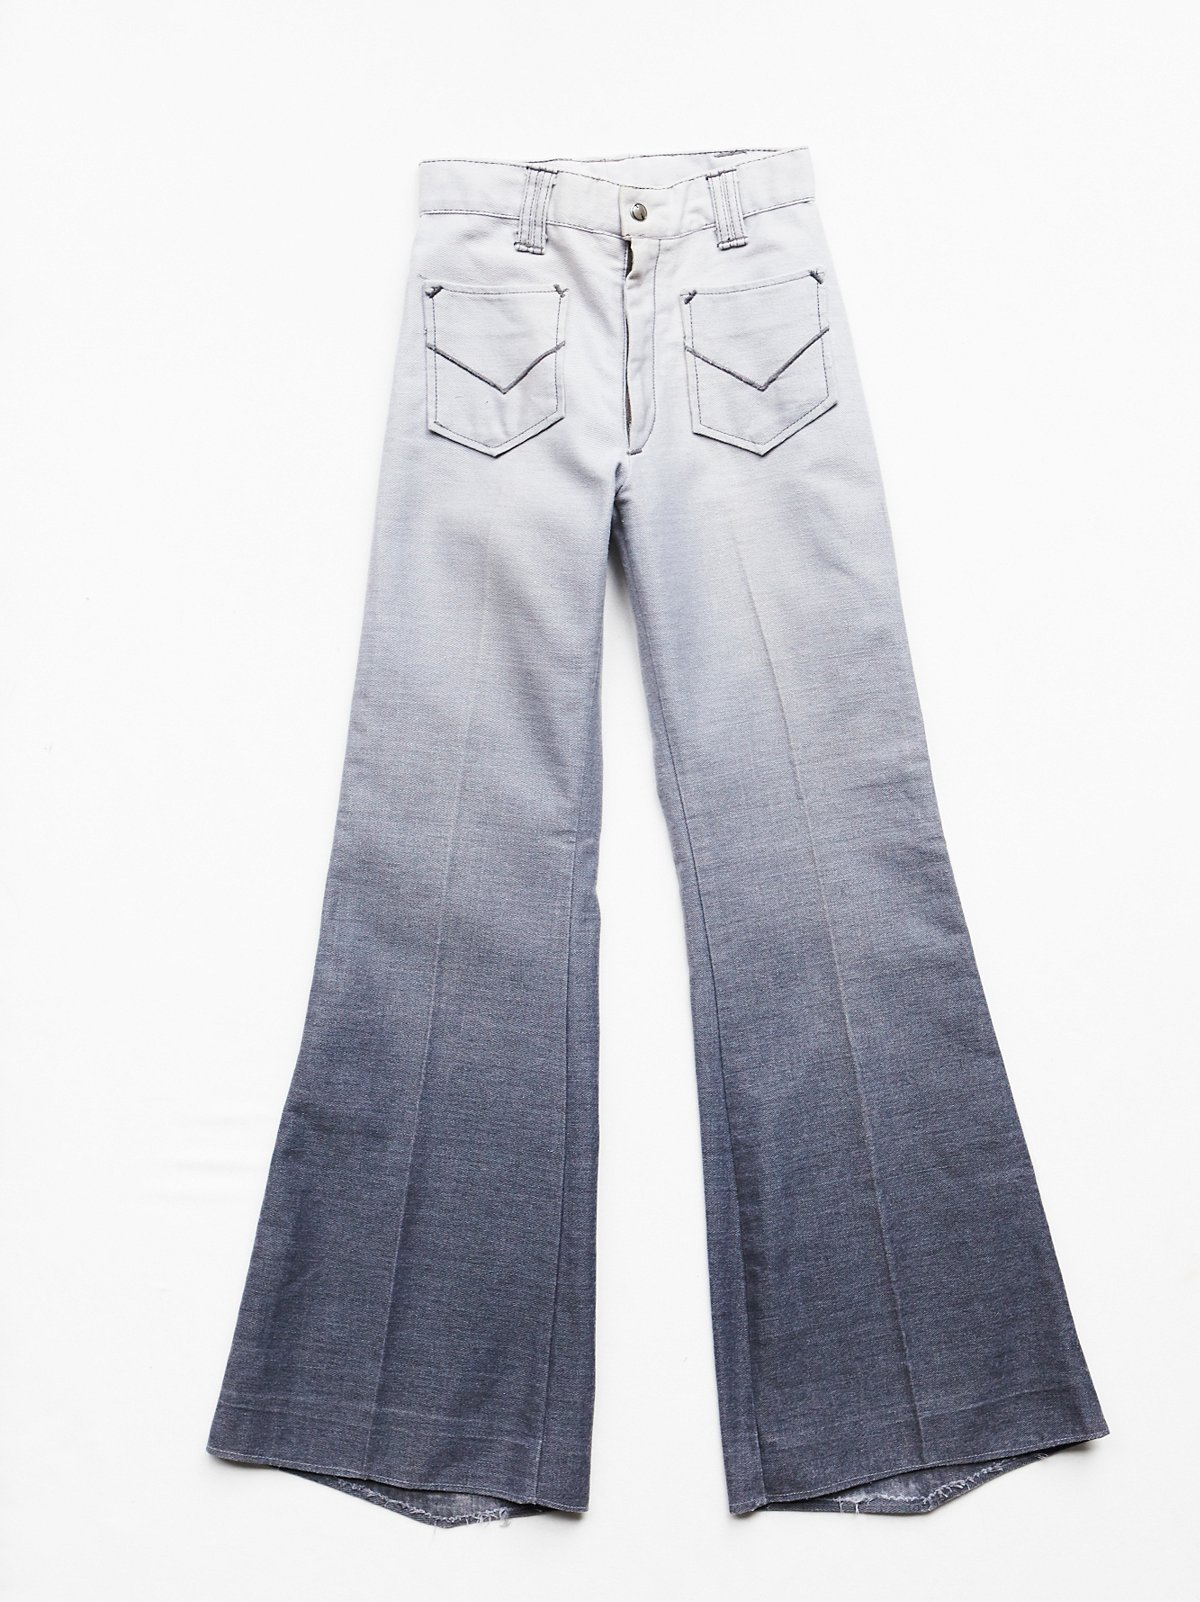 Vintage 70s Flared Jeans